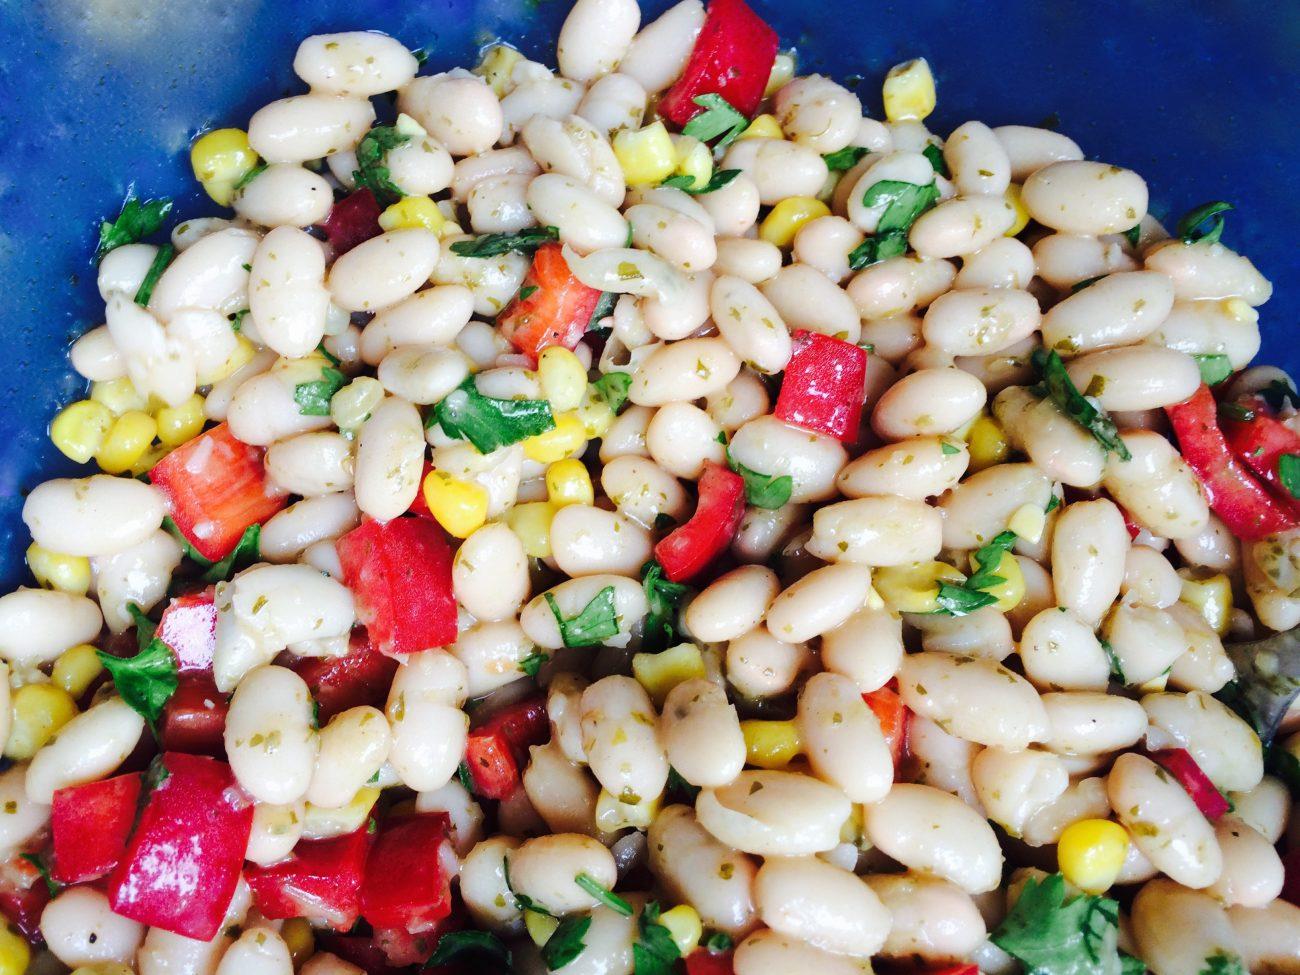 Σαλάτα με φασόλια και πέστο μαϊντανού